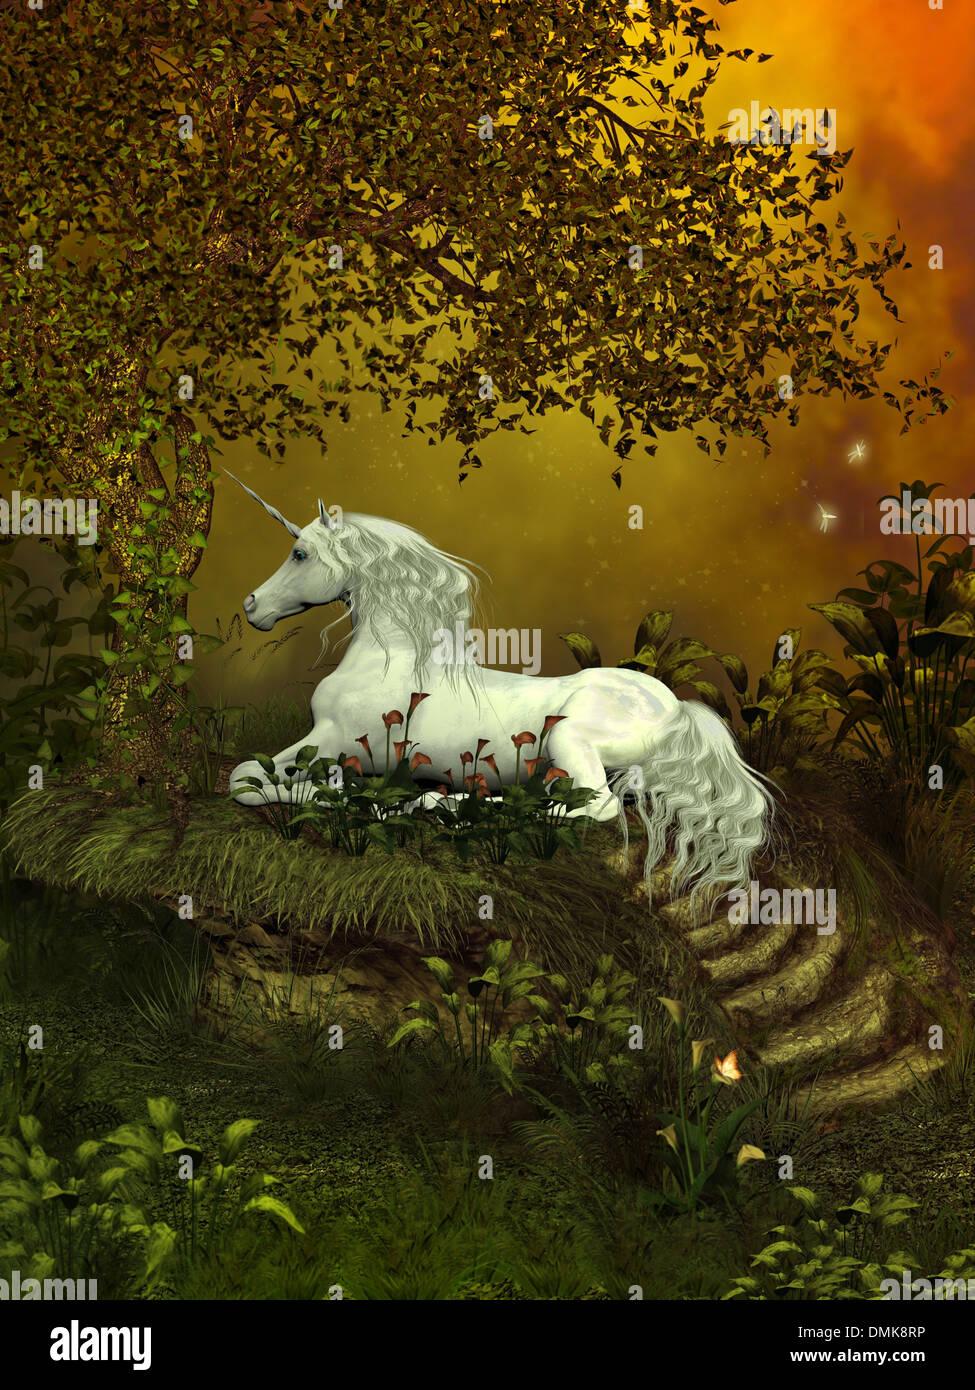 Un hermoso blanco unicorn sienta debajo de un árbol del bosque para descansar entre las flores. Imagen De Stock